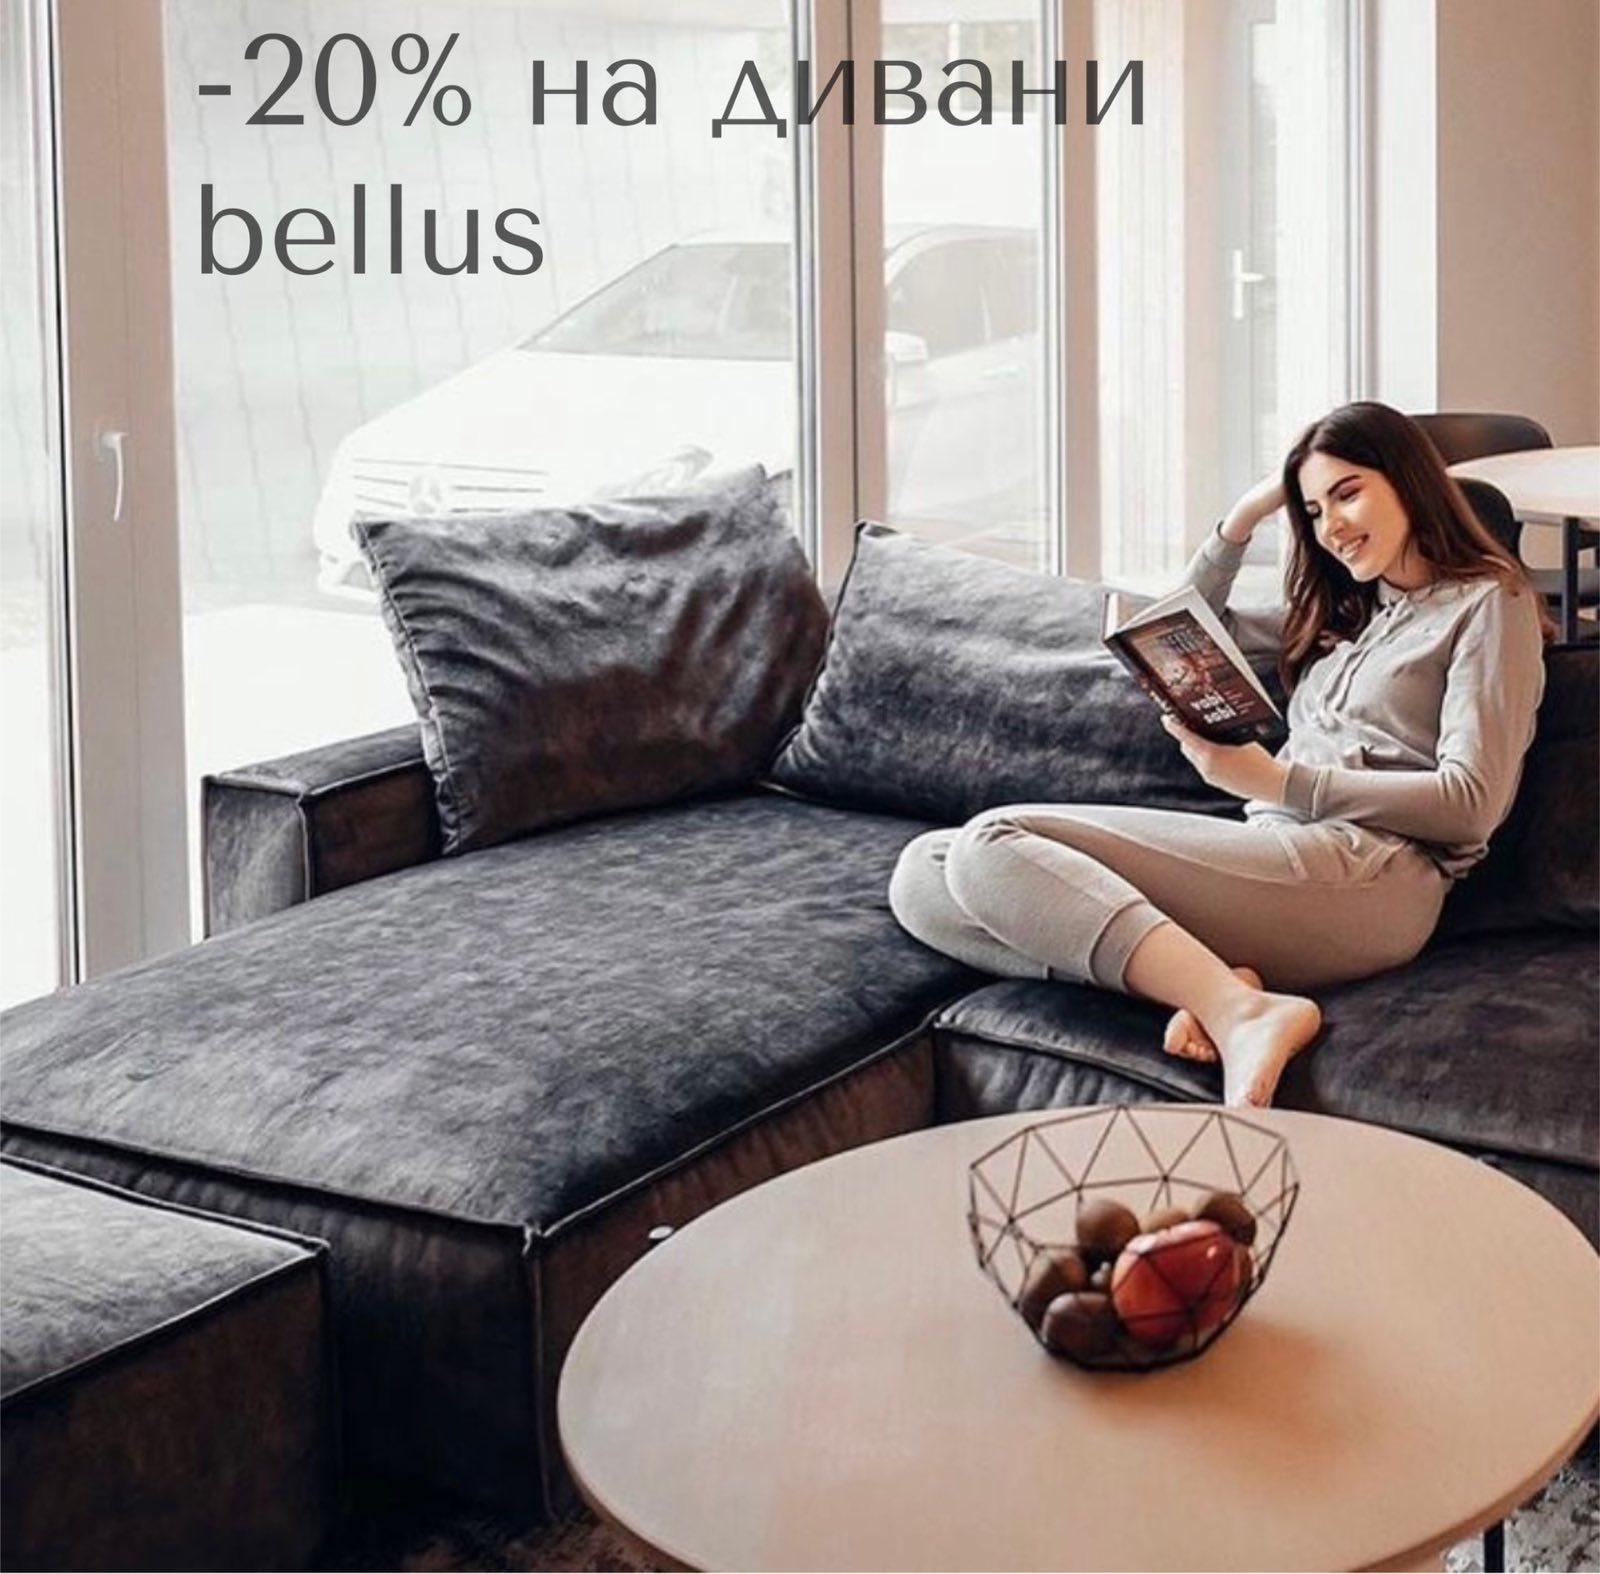 Знижка -20% на всі дивани Bellus!